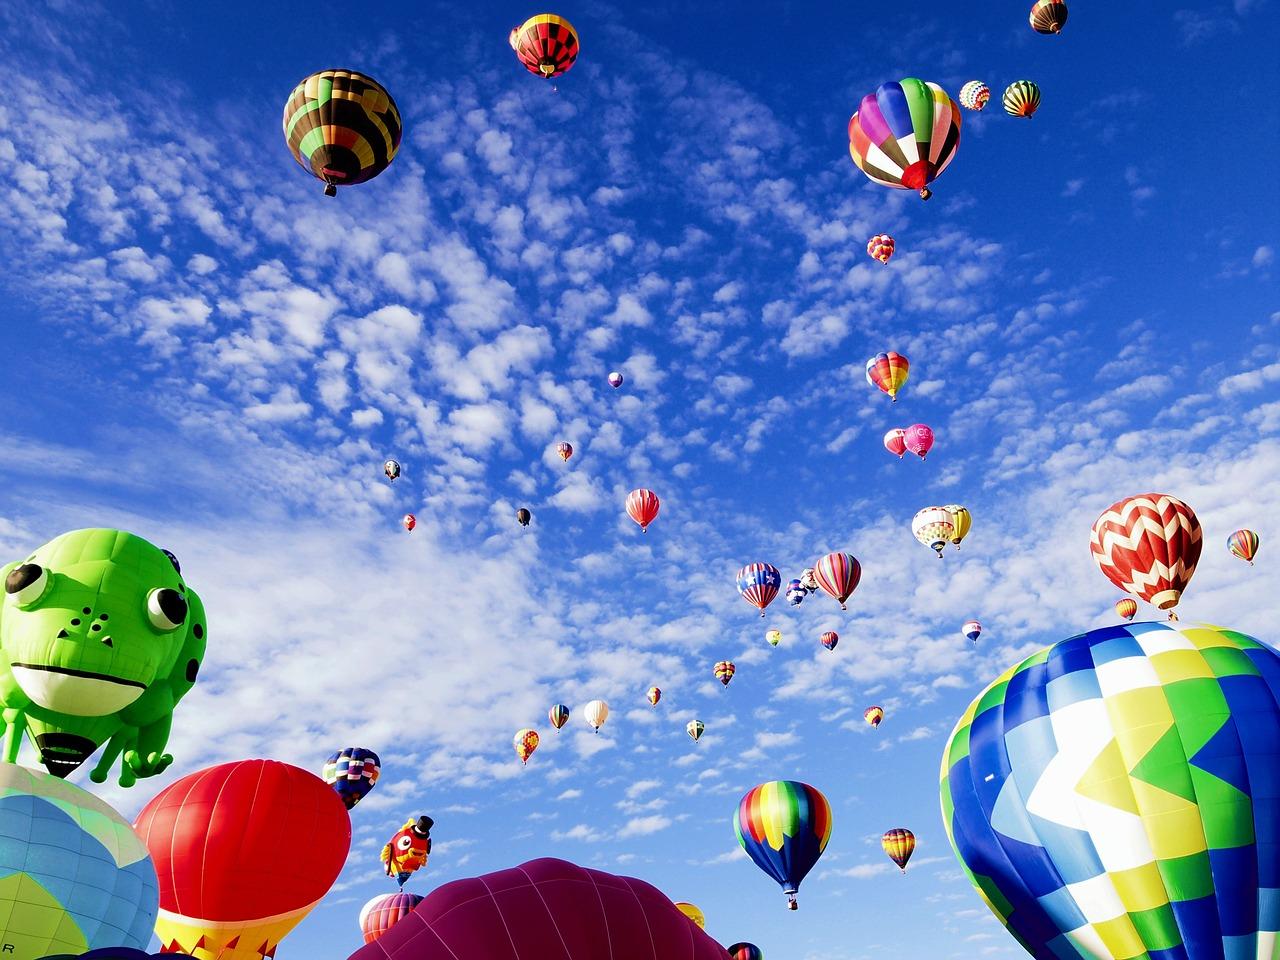 Hot Air Balloon Fest, NM | Public Domain/Pixabay